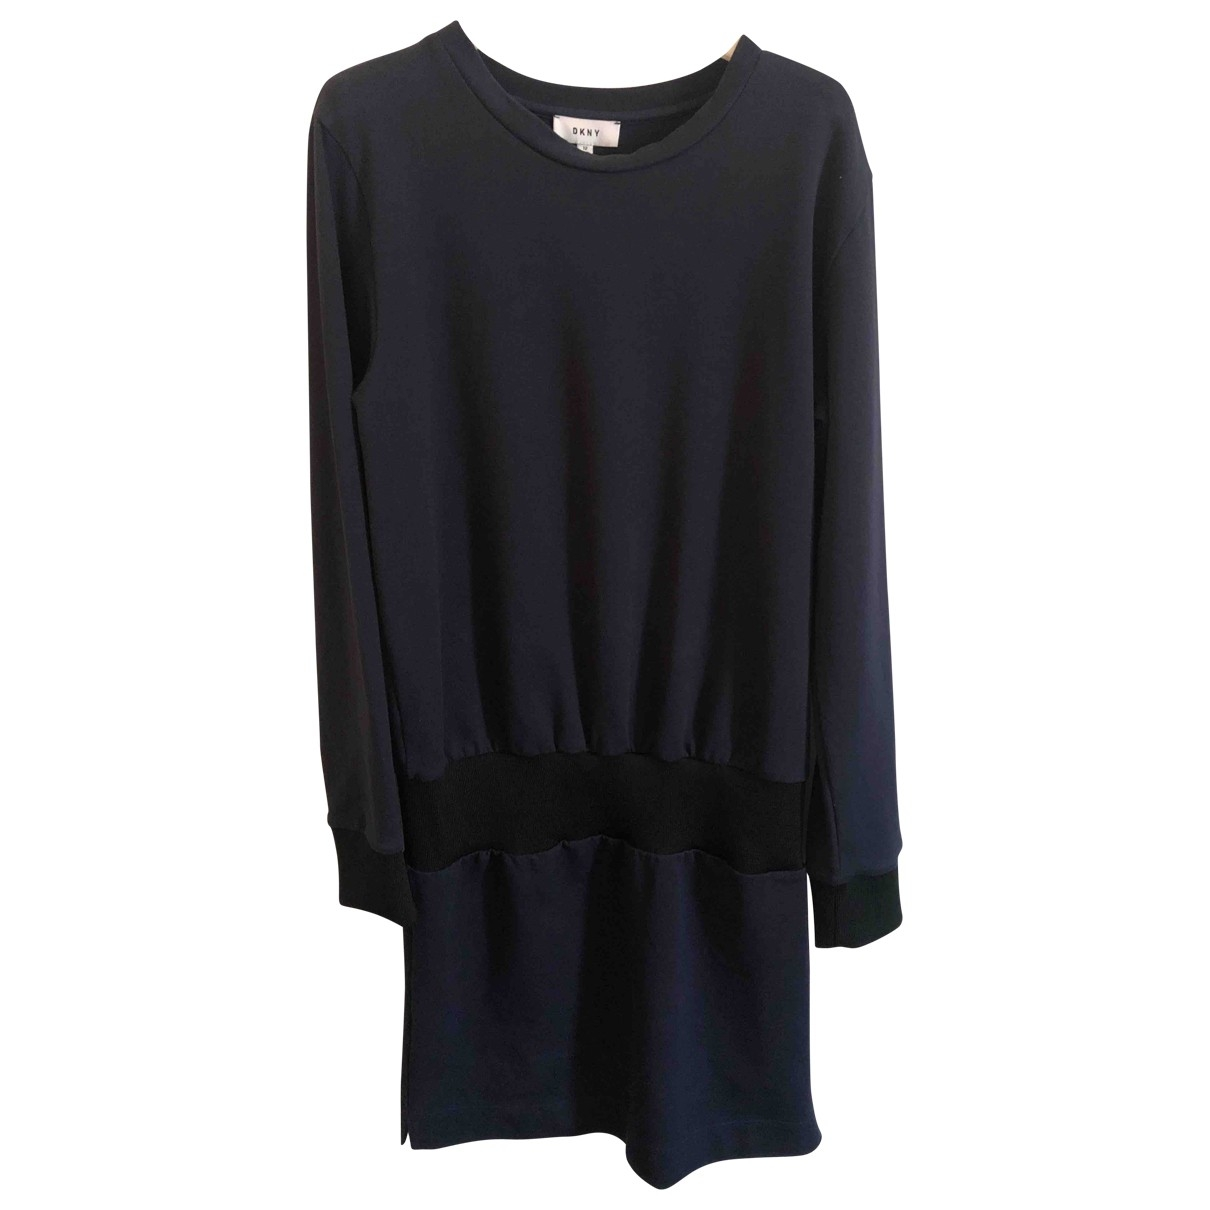 Dkny \N Kleid in  Blau Baumwolle